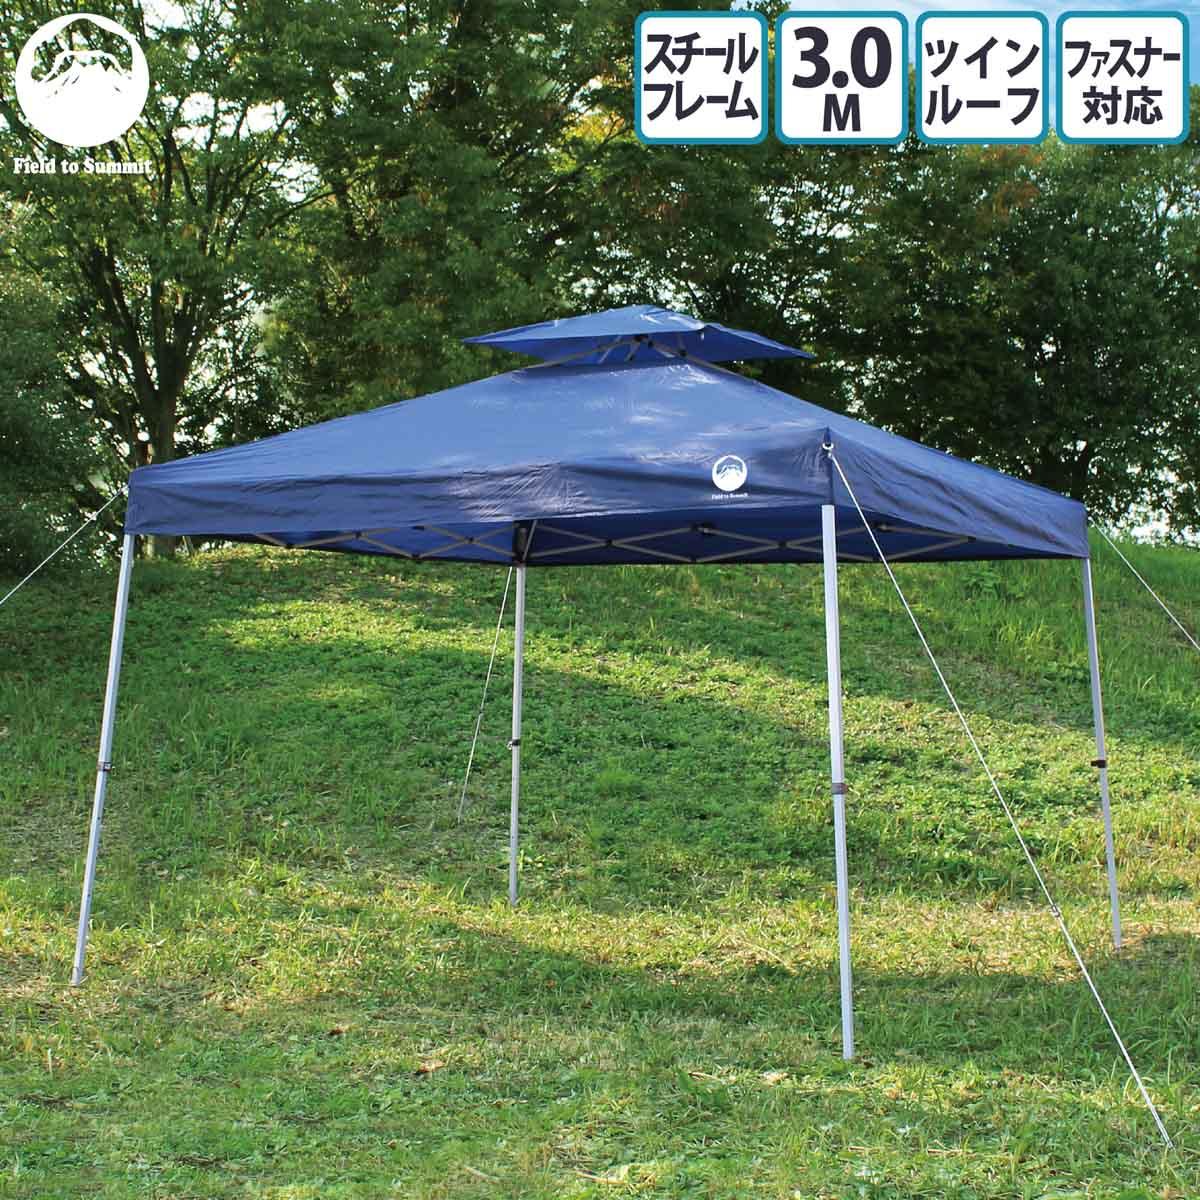 【送料無料】 Field to Summit ワンタッチテント300 3Mx3Mサイズ ツインルーフ 丈夫なスチール製 キャスター付きキャリーバッグ ワンタッチツインテント スチール 簡単 タープ 自立式 日除け ガーデン キャンプ タープテント 簡易テント 3M 300cm 風抜